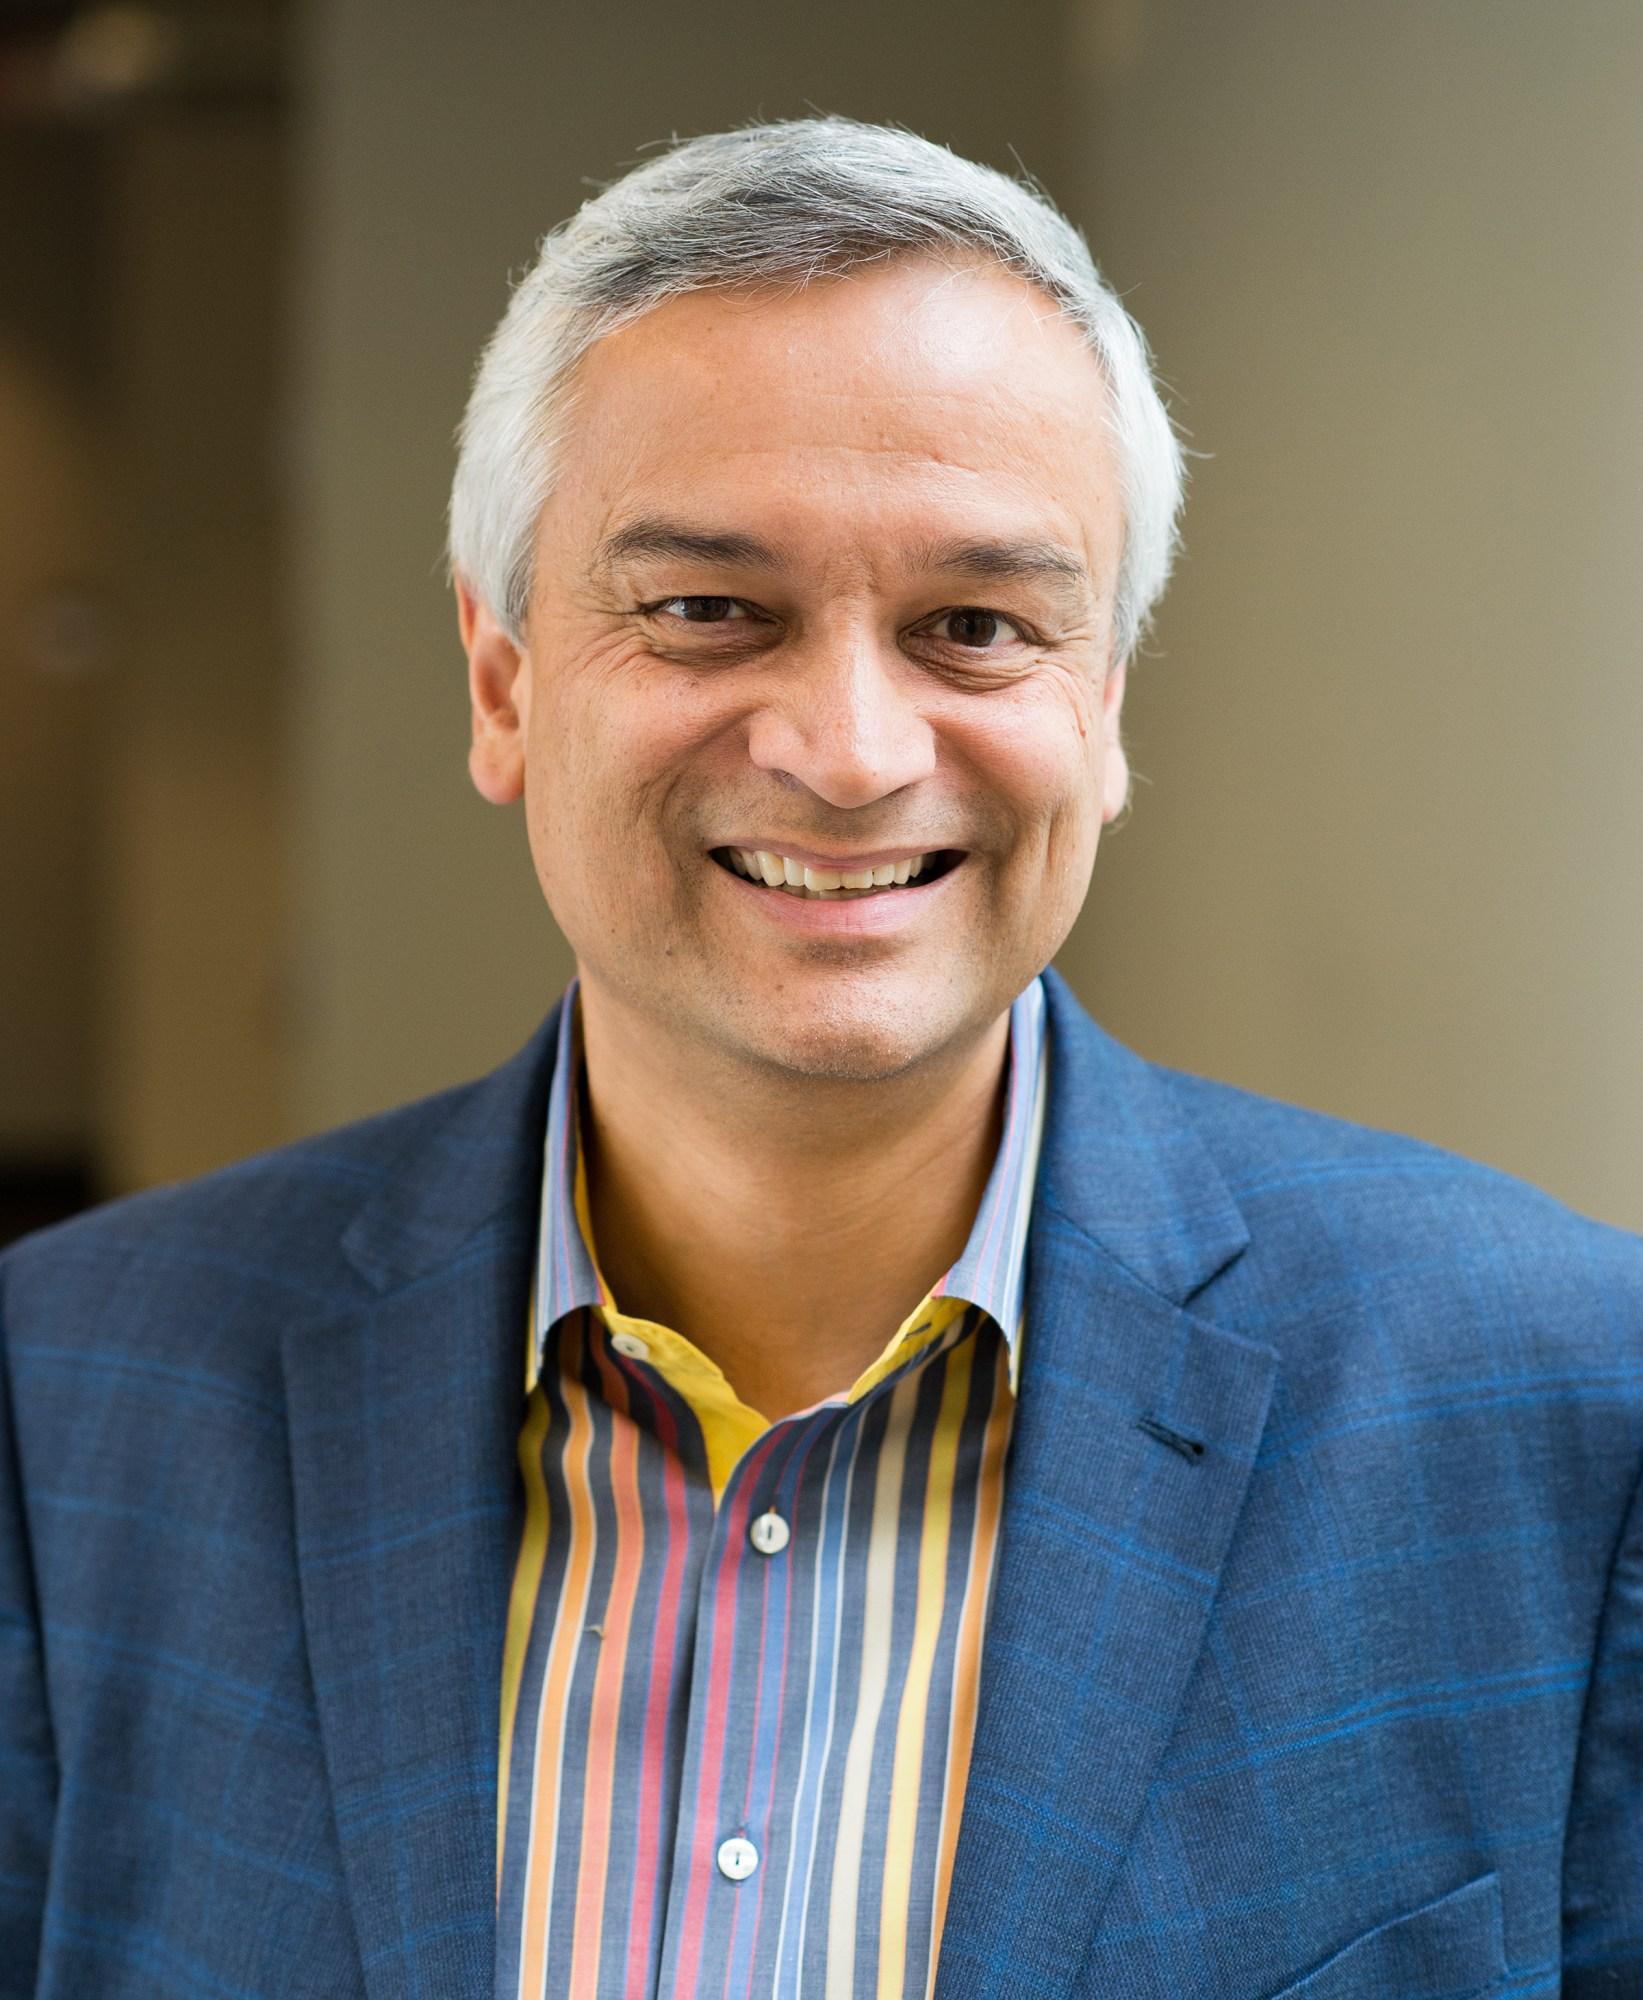 Krishna Rajagopal